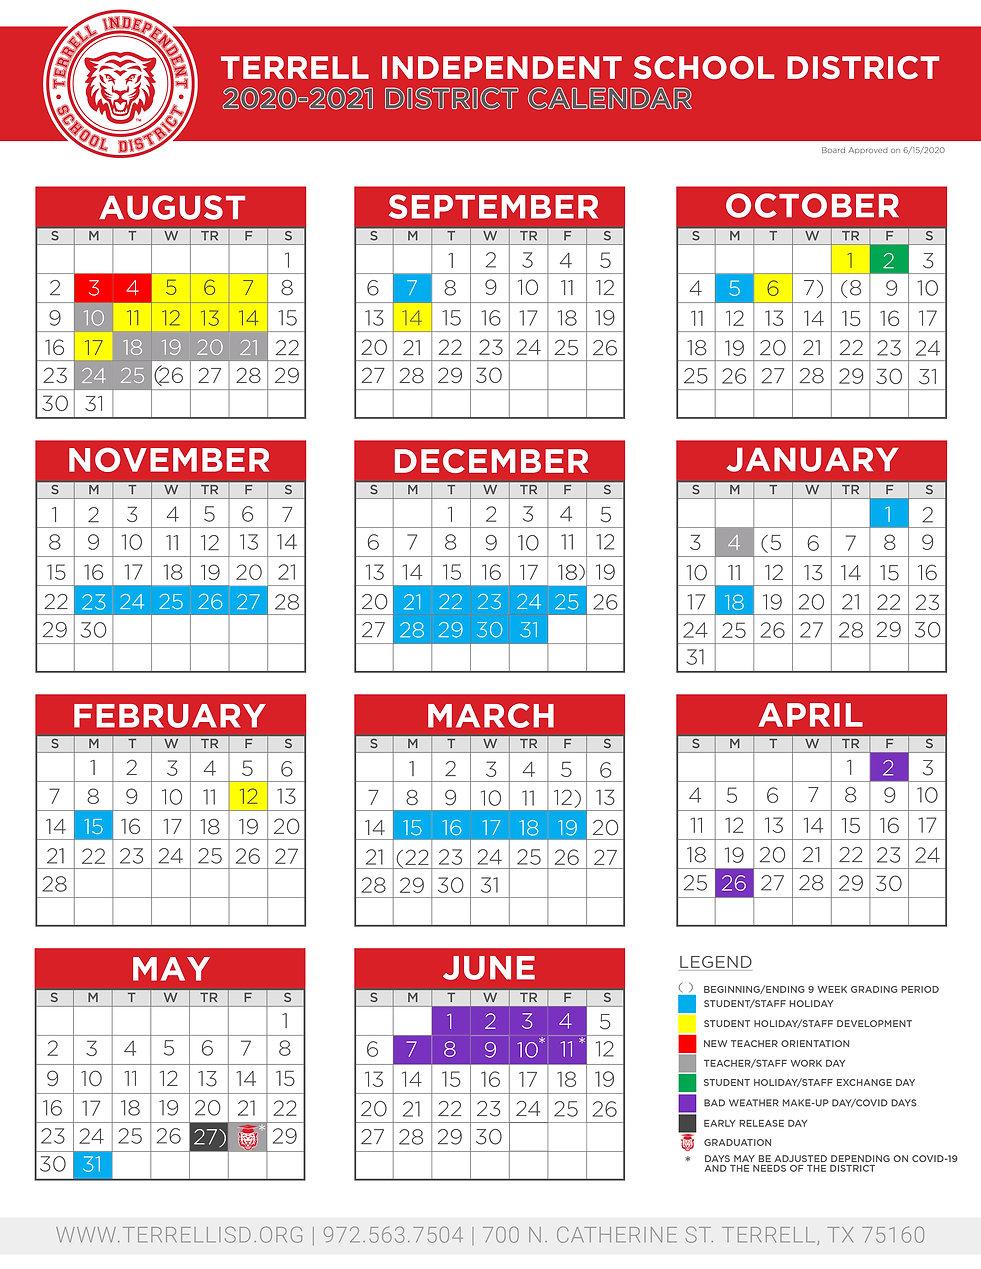 TISD Calendar REVISED 9-2020.jpg